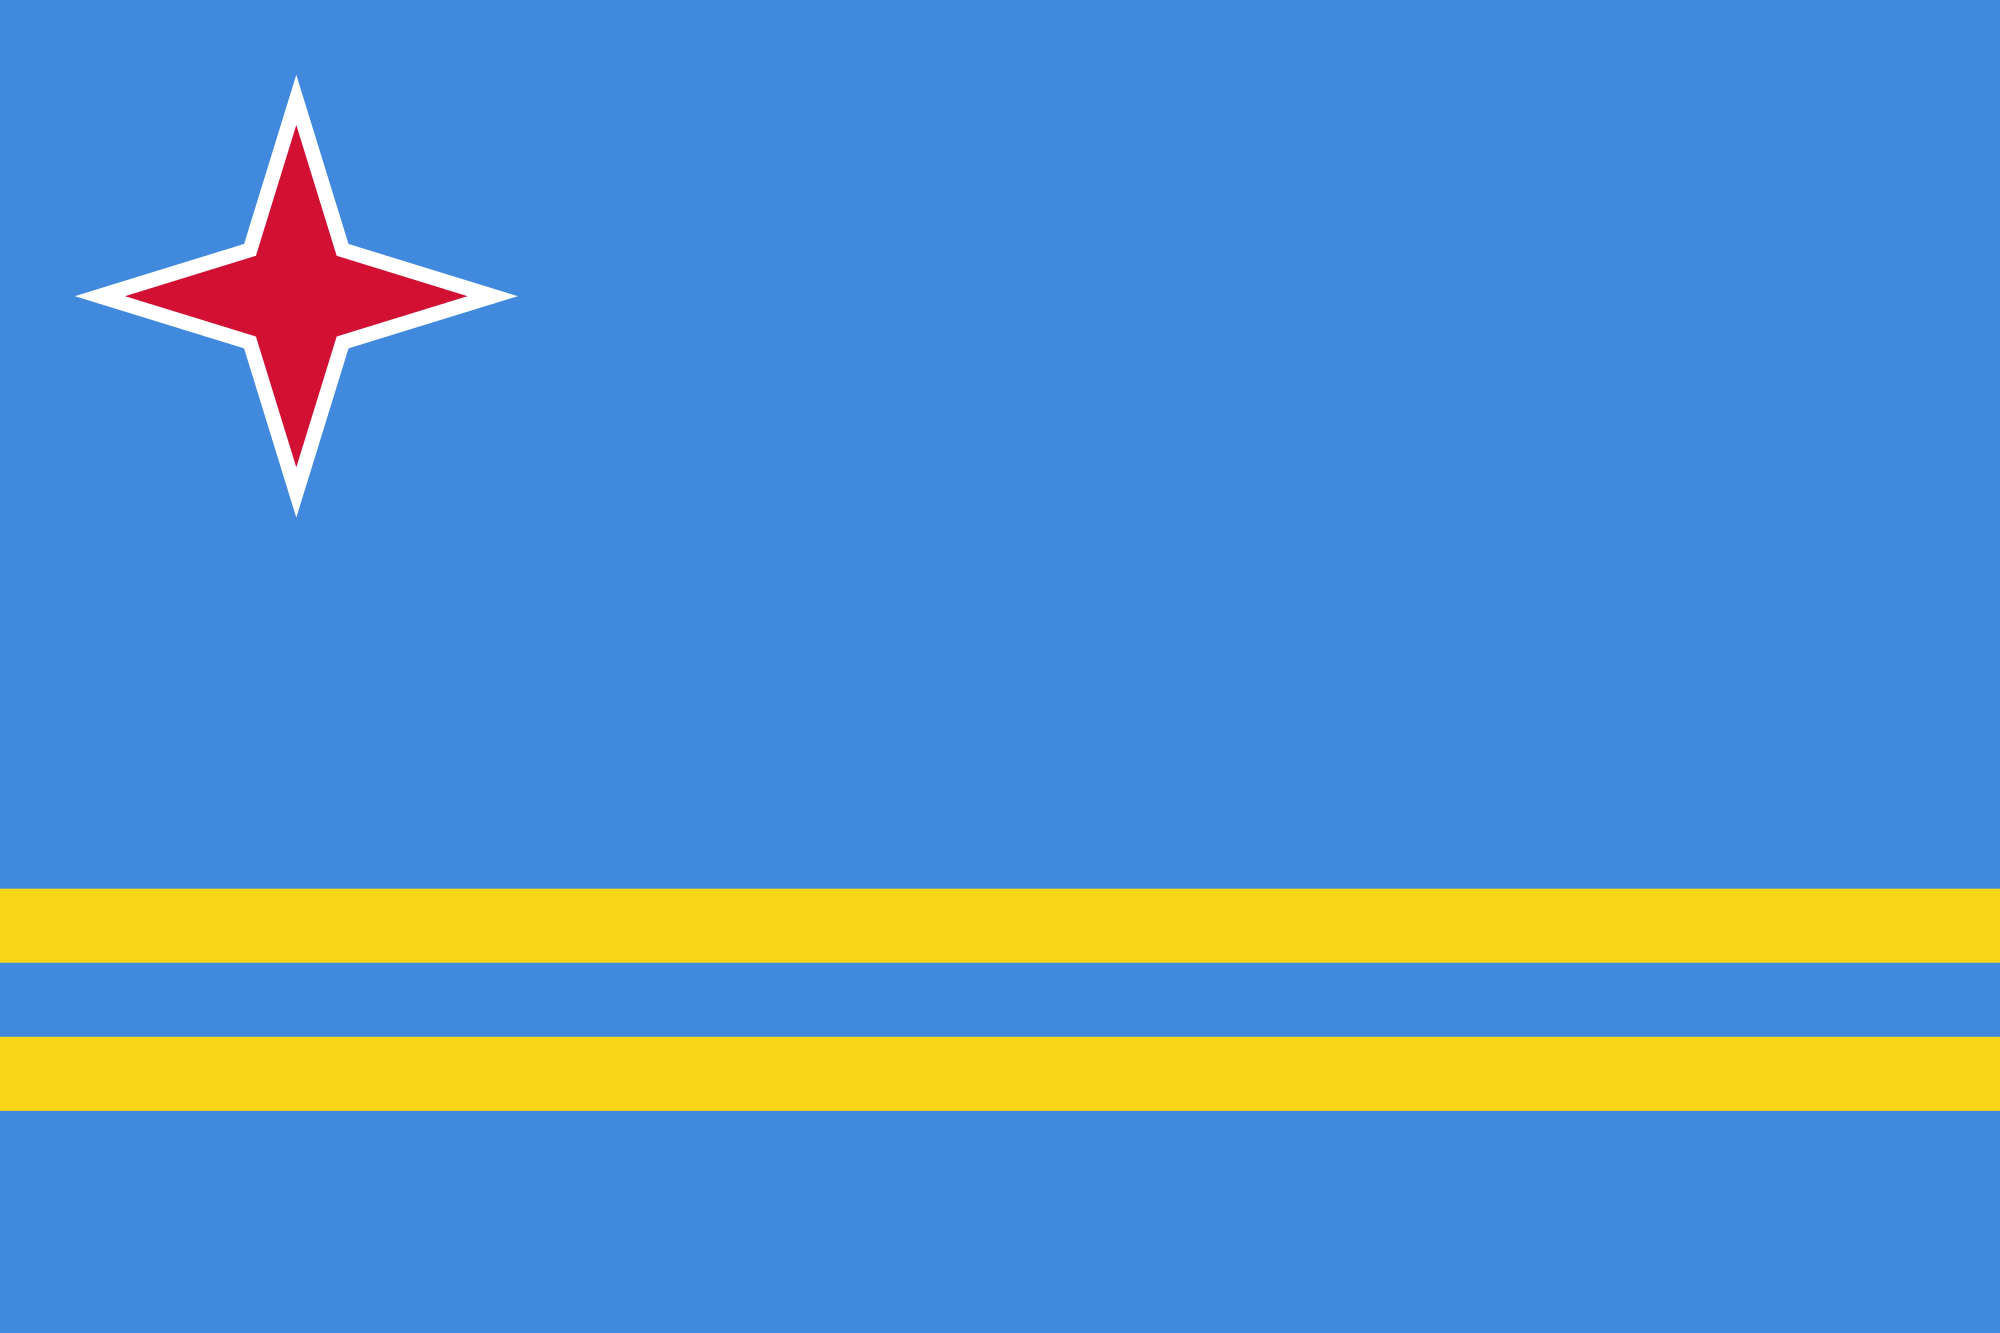 Aruba, pays, emblème, logo, symbole - Fonds d'écran HD - Professor-falken.com